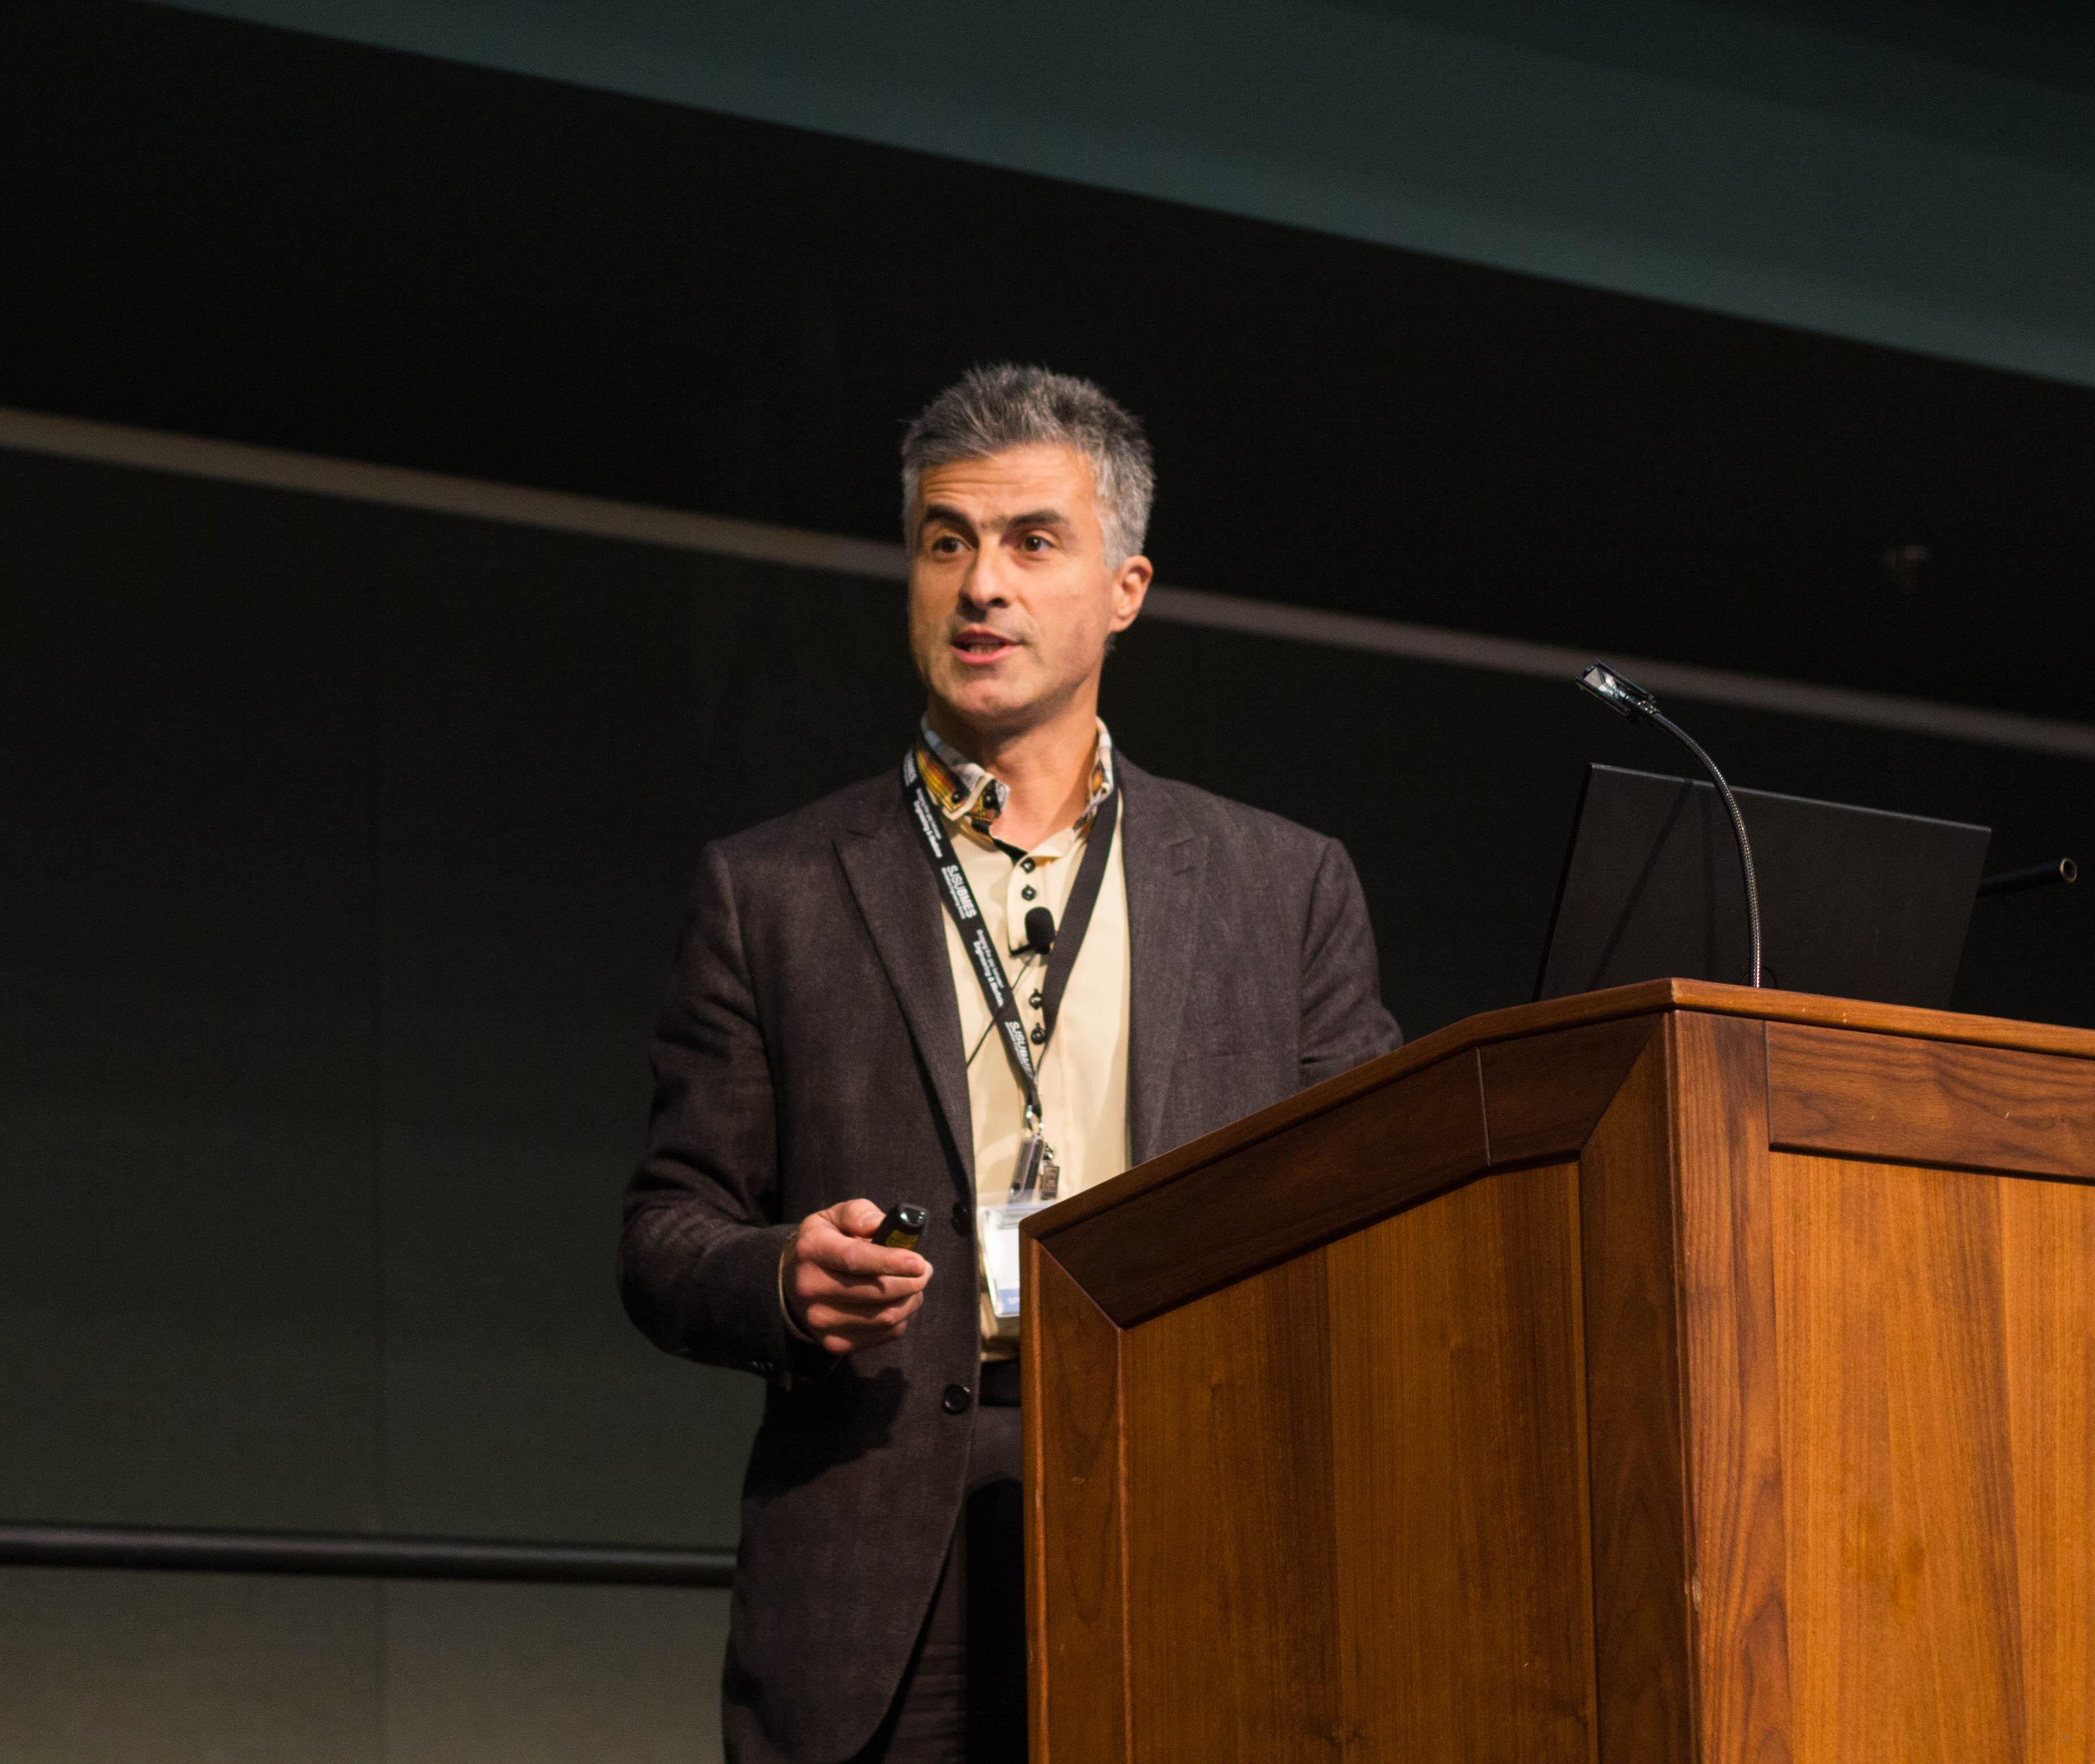 Speaker Dr. Marius Florescu